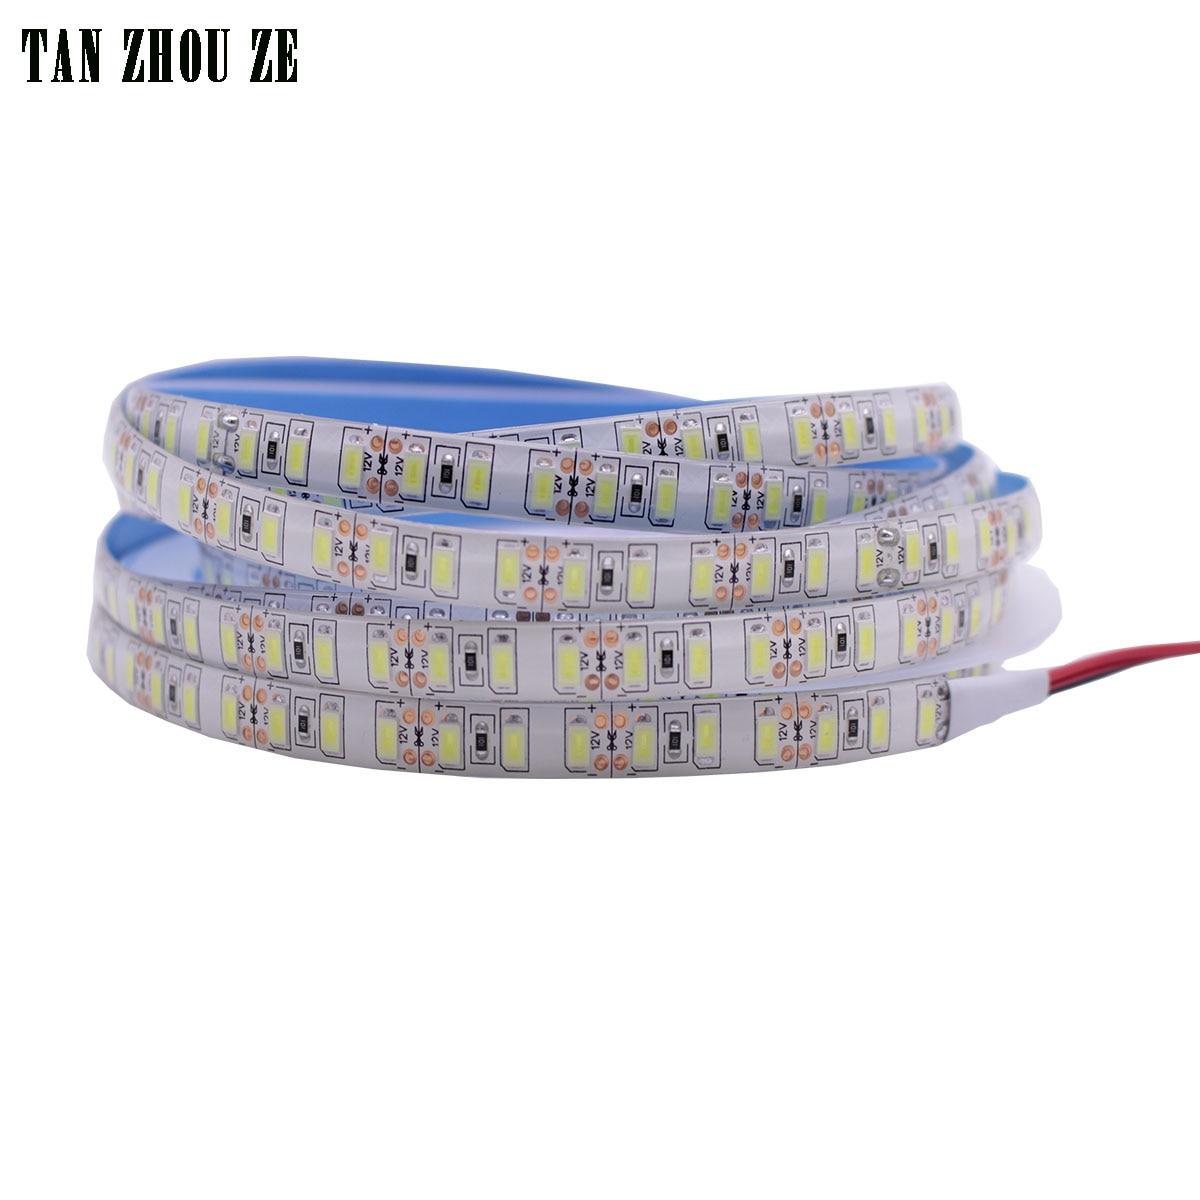 Super Bright 5m 5730 LED Strip 120 Led/m IP20/65/67 Waterproof 12V Flexible 600 LED Tape,5630 LED Ribbon, White/warm White Color